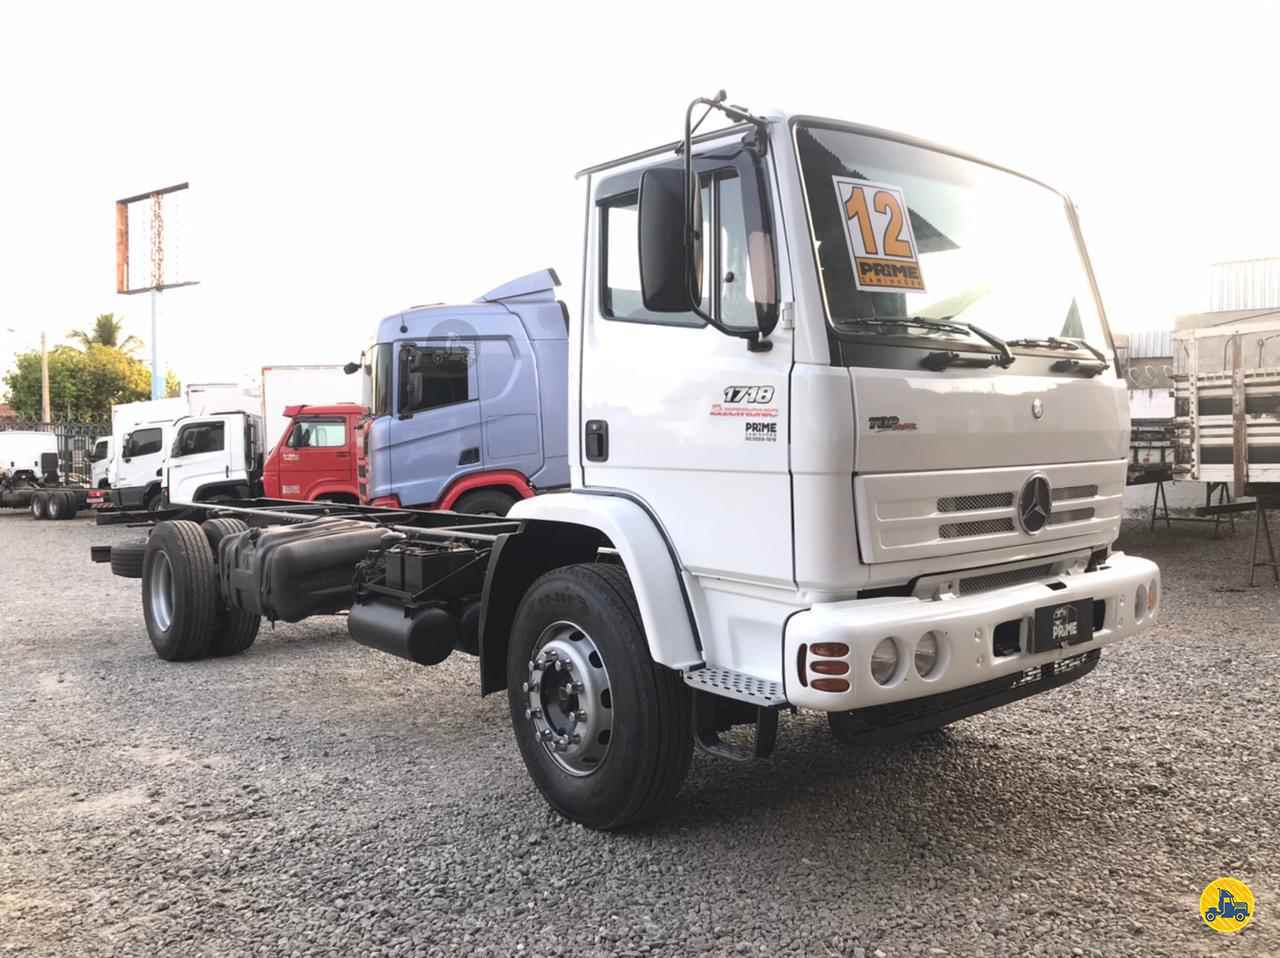 CAMINHAO MERCEDES-BENZ MB 1718 Chassis Toco 4x2 Prime Caminhões GOIANIA GOIAS GO